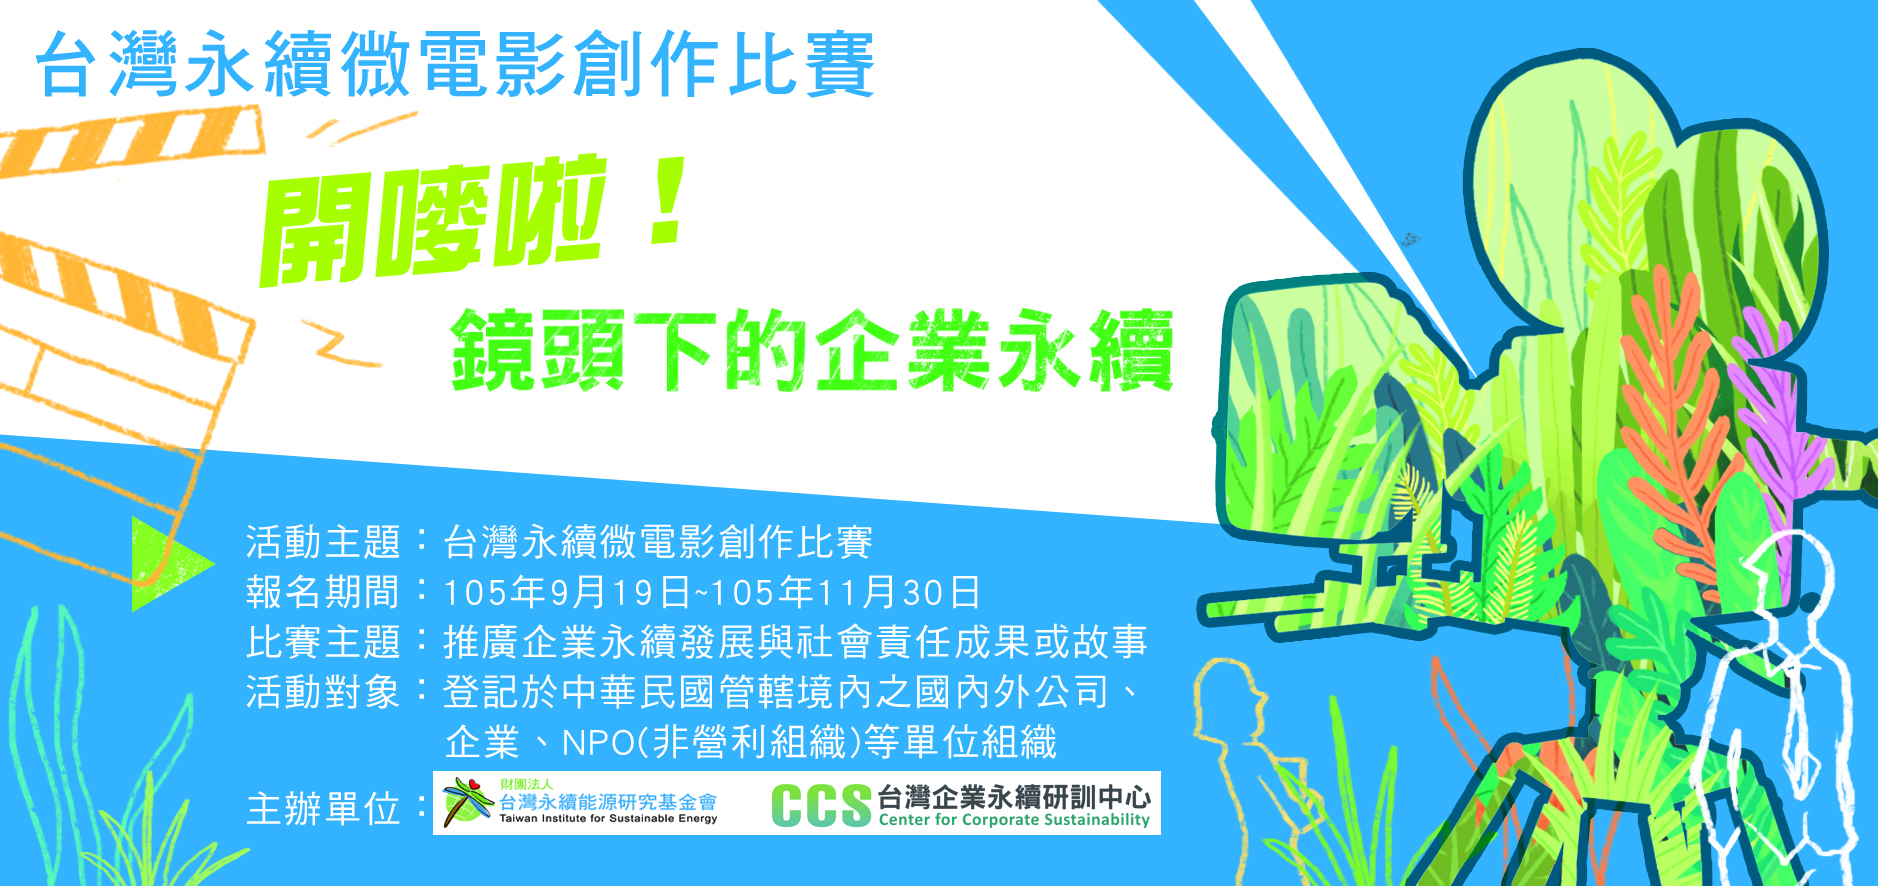 開嘜啦!台灣企業永續微電影創作比賽開始報名